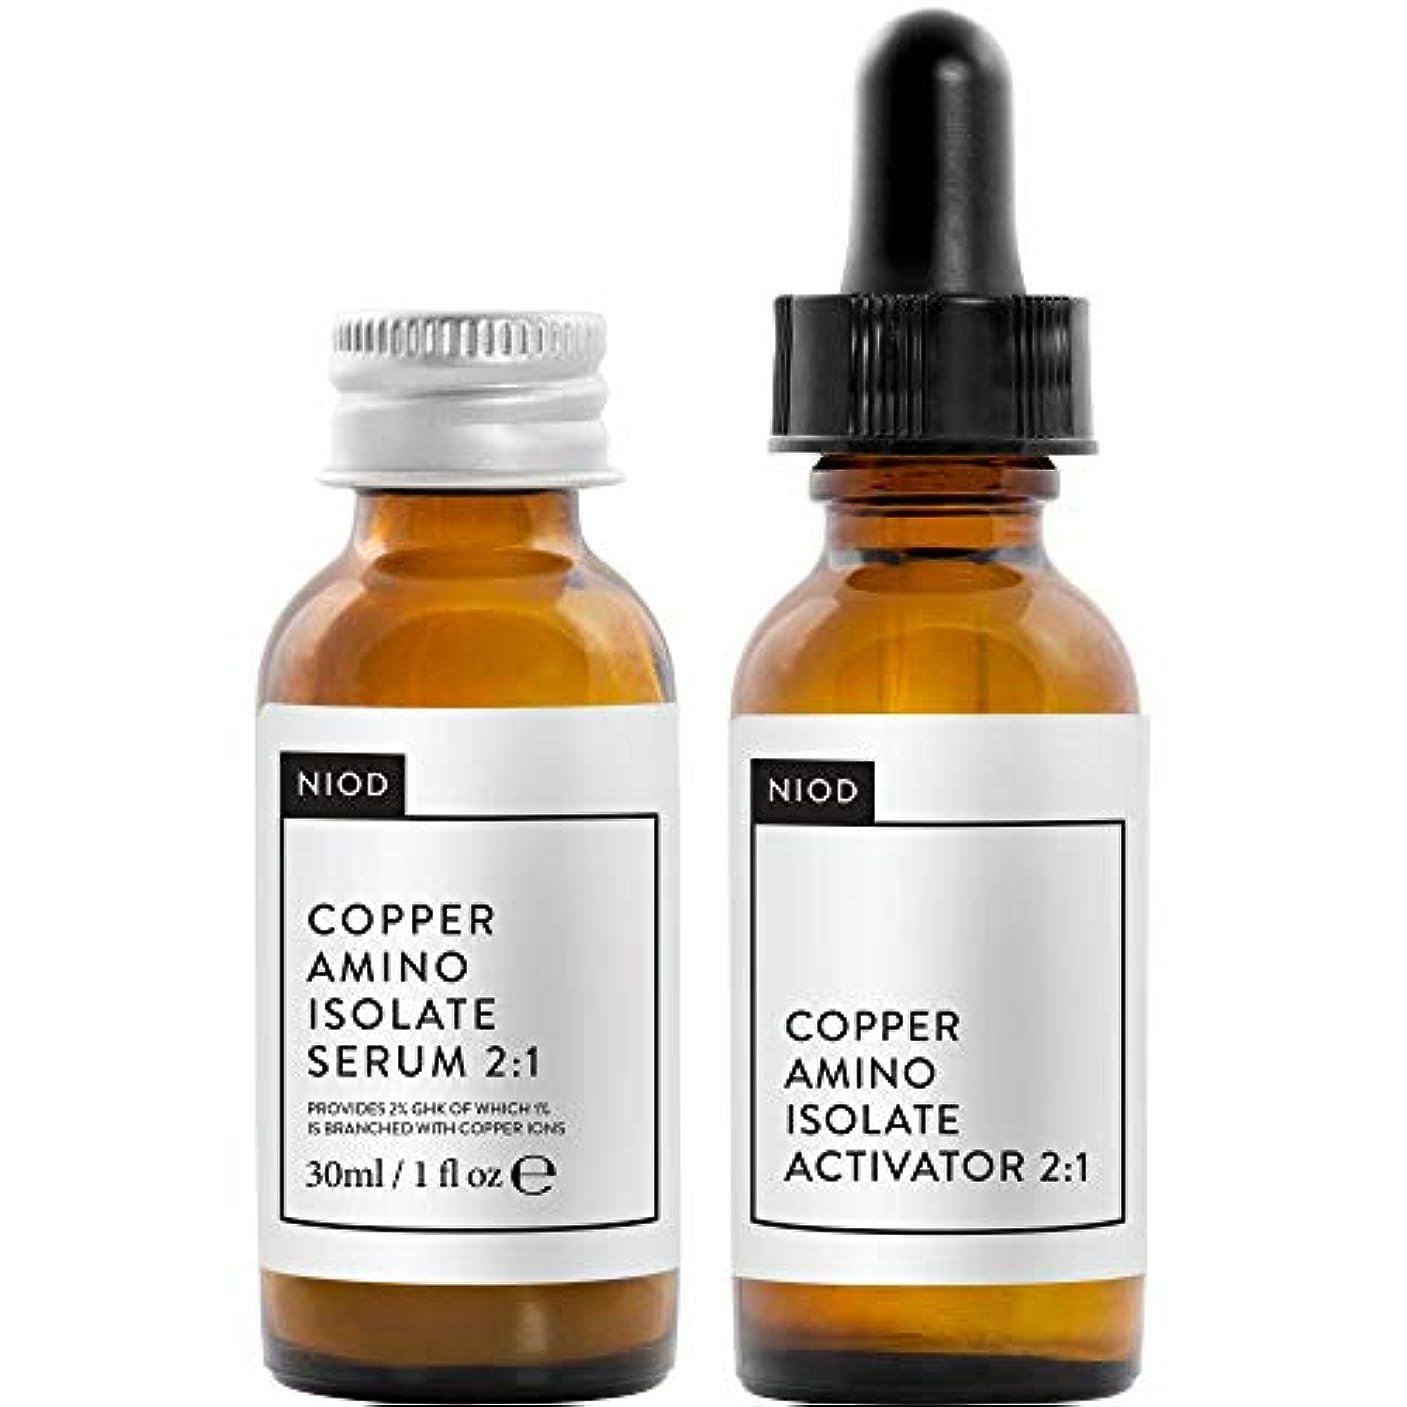 ヘルメット仮称気怠い[NIOD] Niod銅アミノ分離株の血清2:1 30ミリリットル - NIOD Copper Amino Isolate Serum 2:1 30ml [並行輸入品]